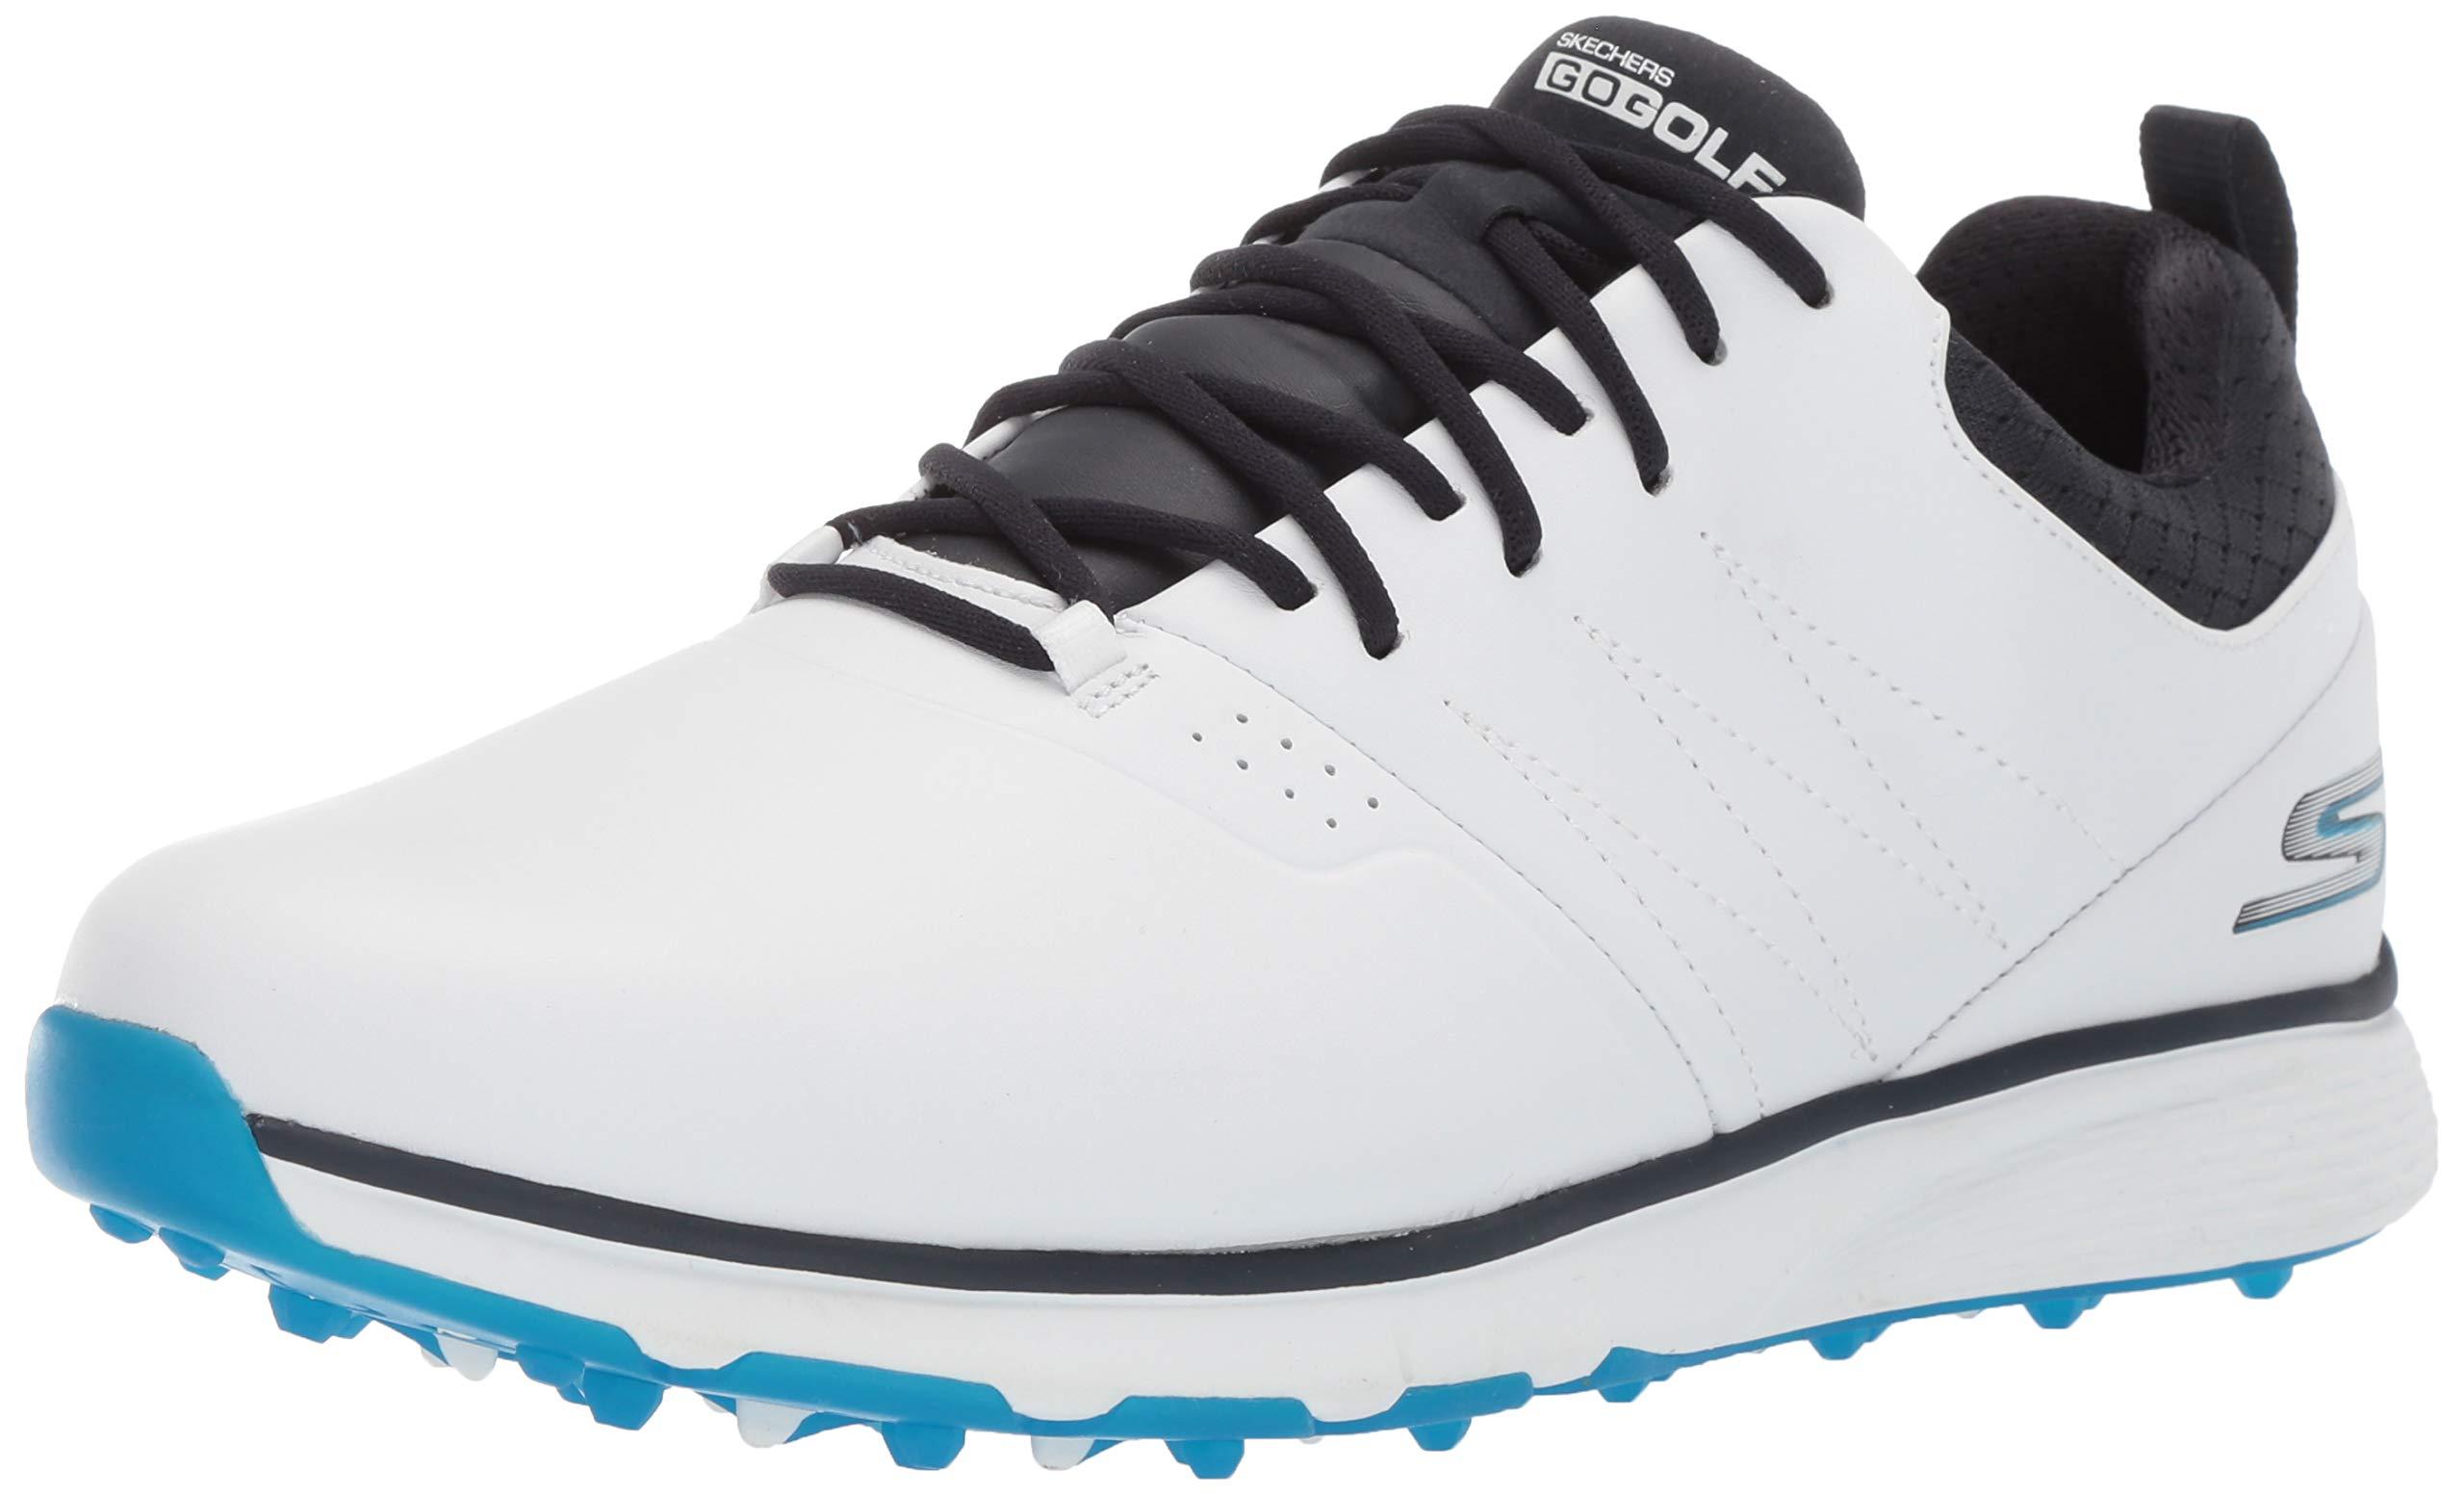 Skechers Men's Mojo Waterproof Golf Shoe, White/Blue, 13 M US by Skechers